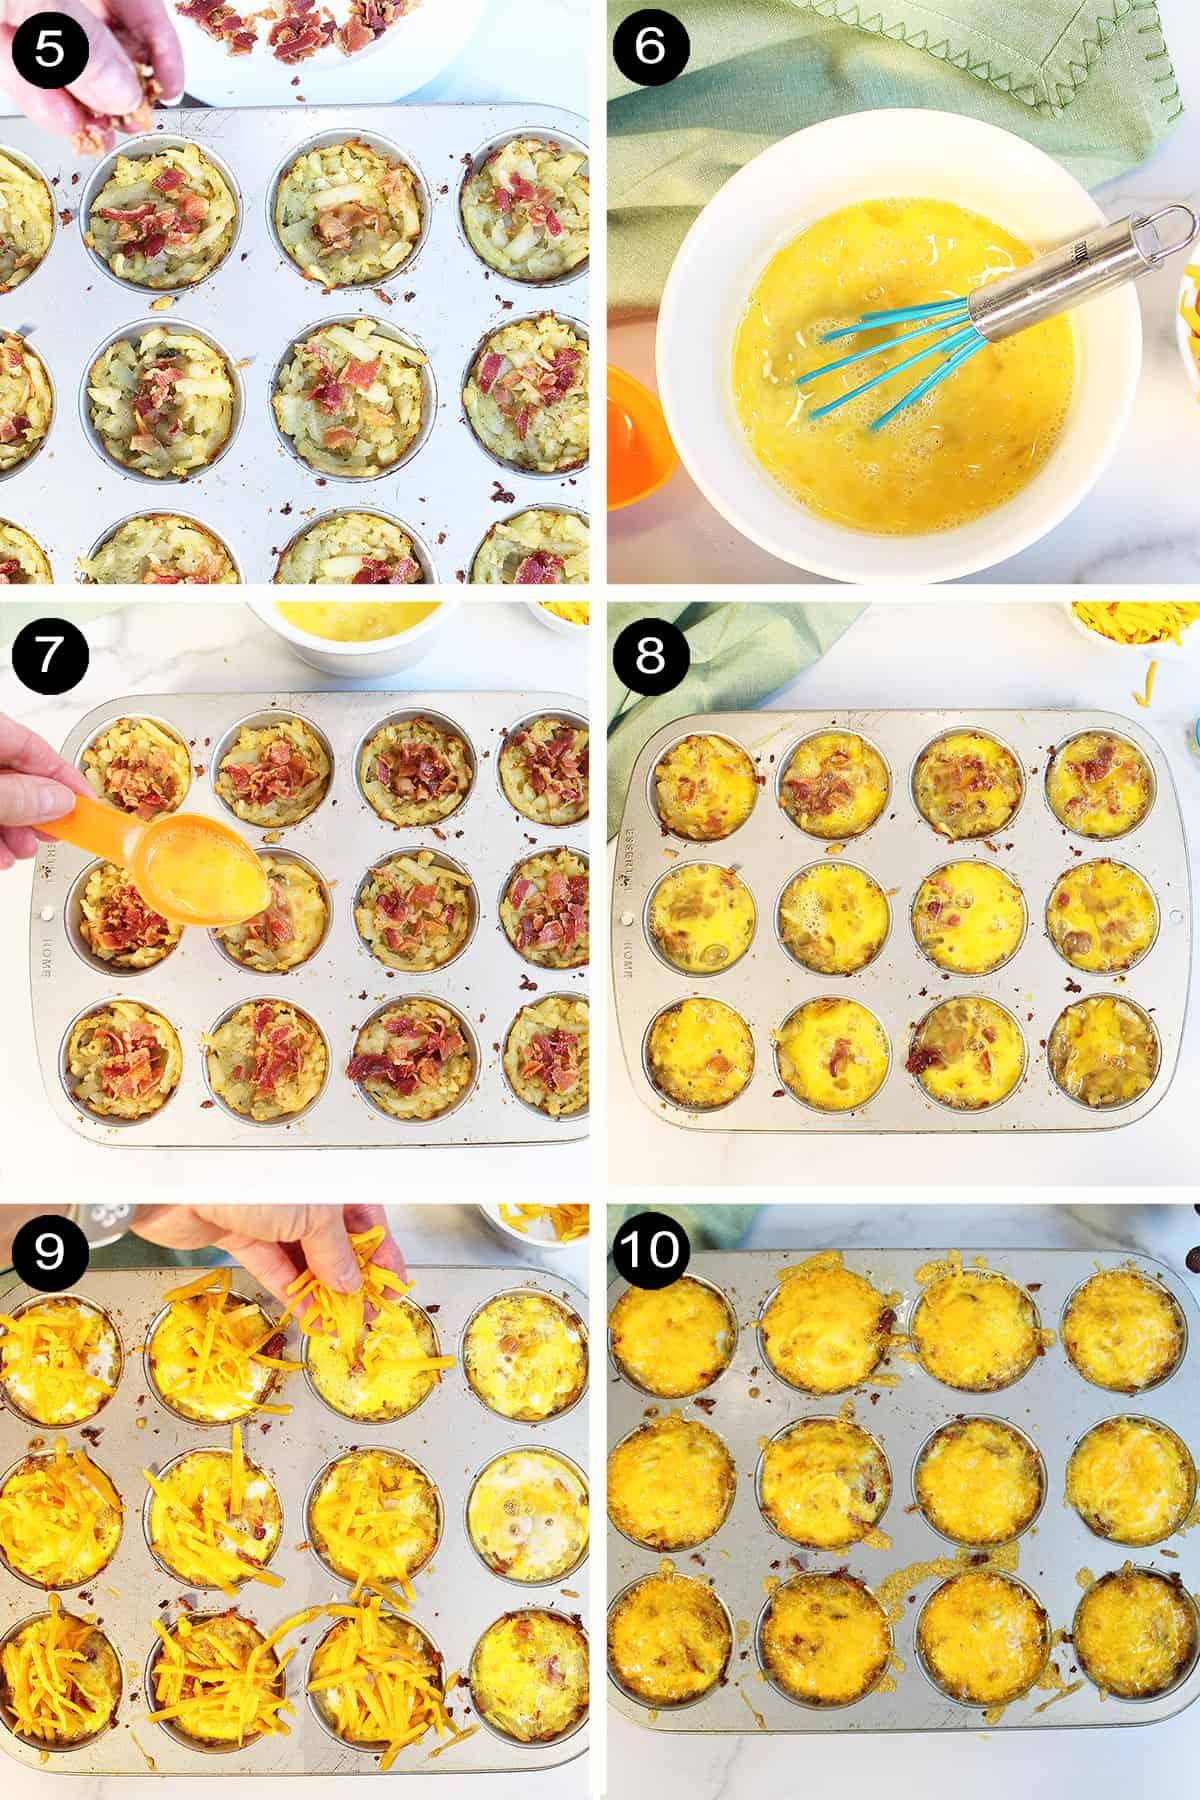 Steps 5-10 assembling muffin tin egg bites.